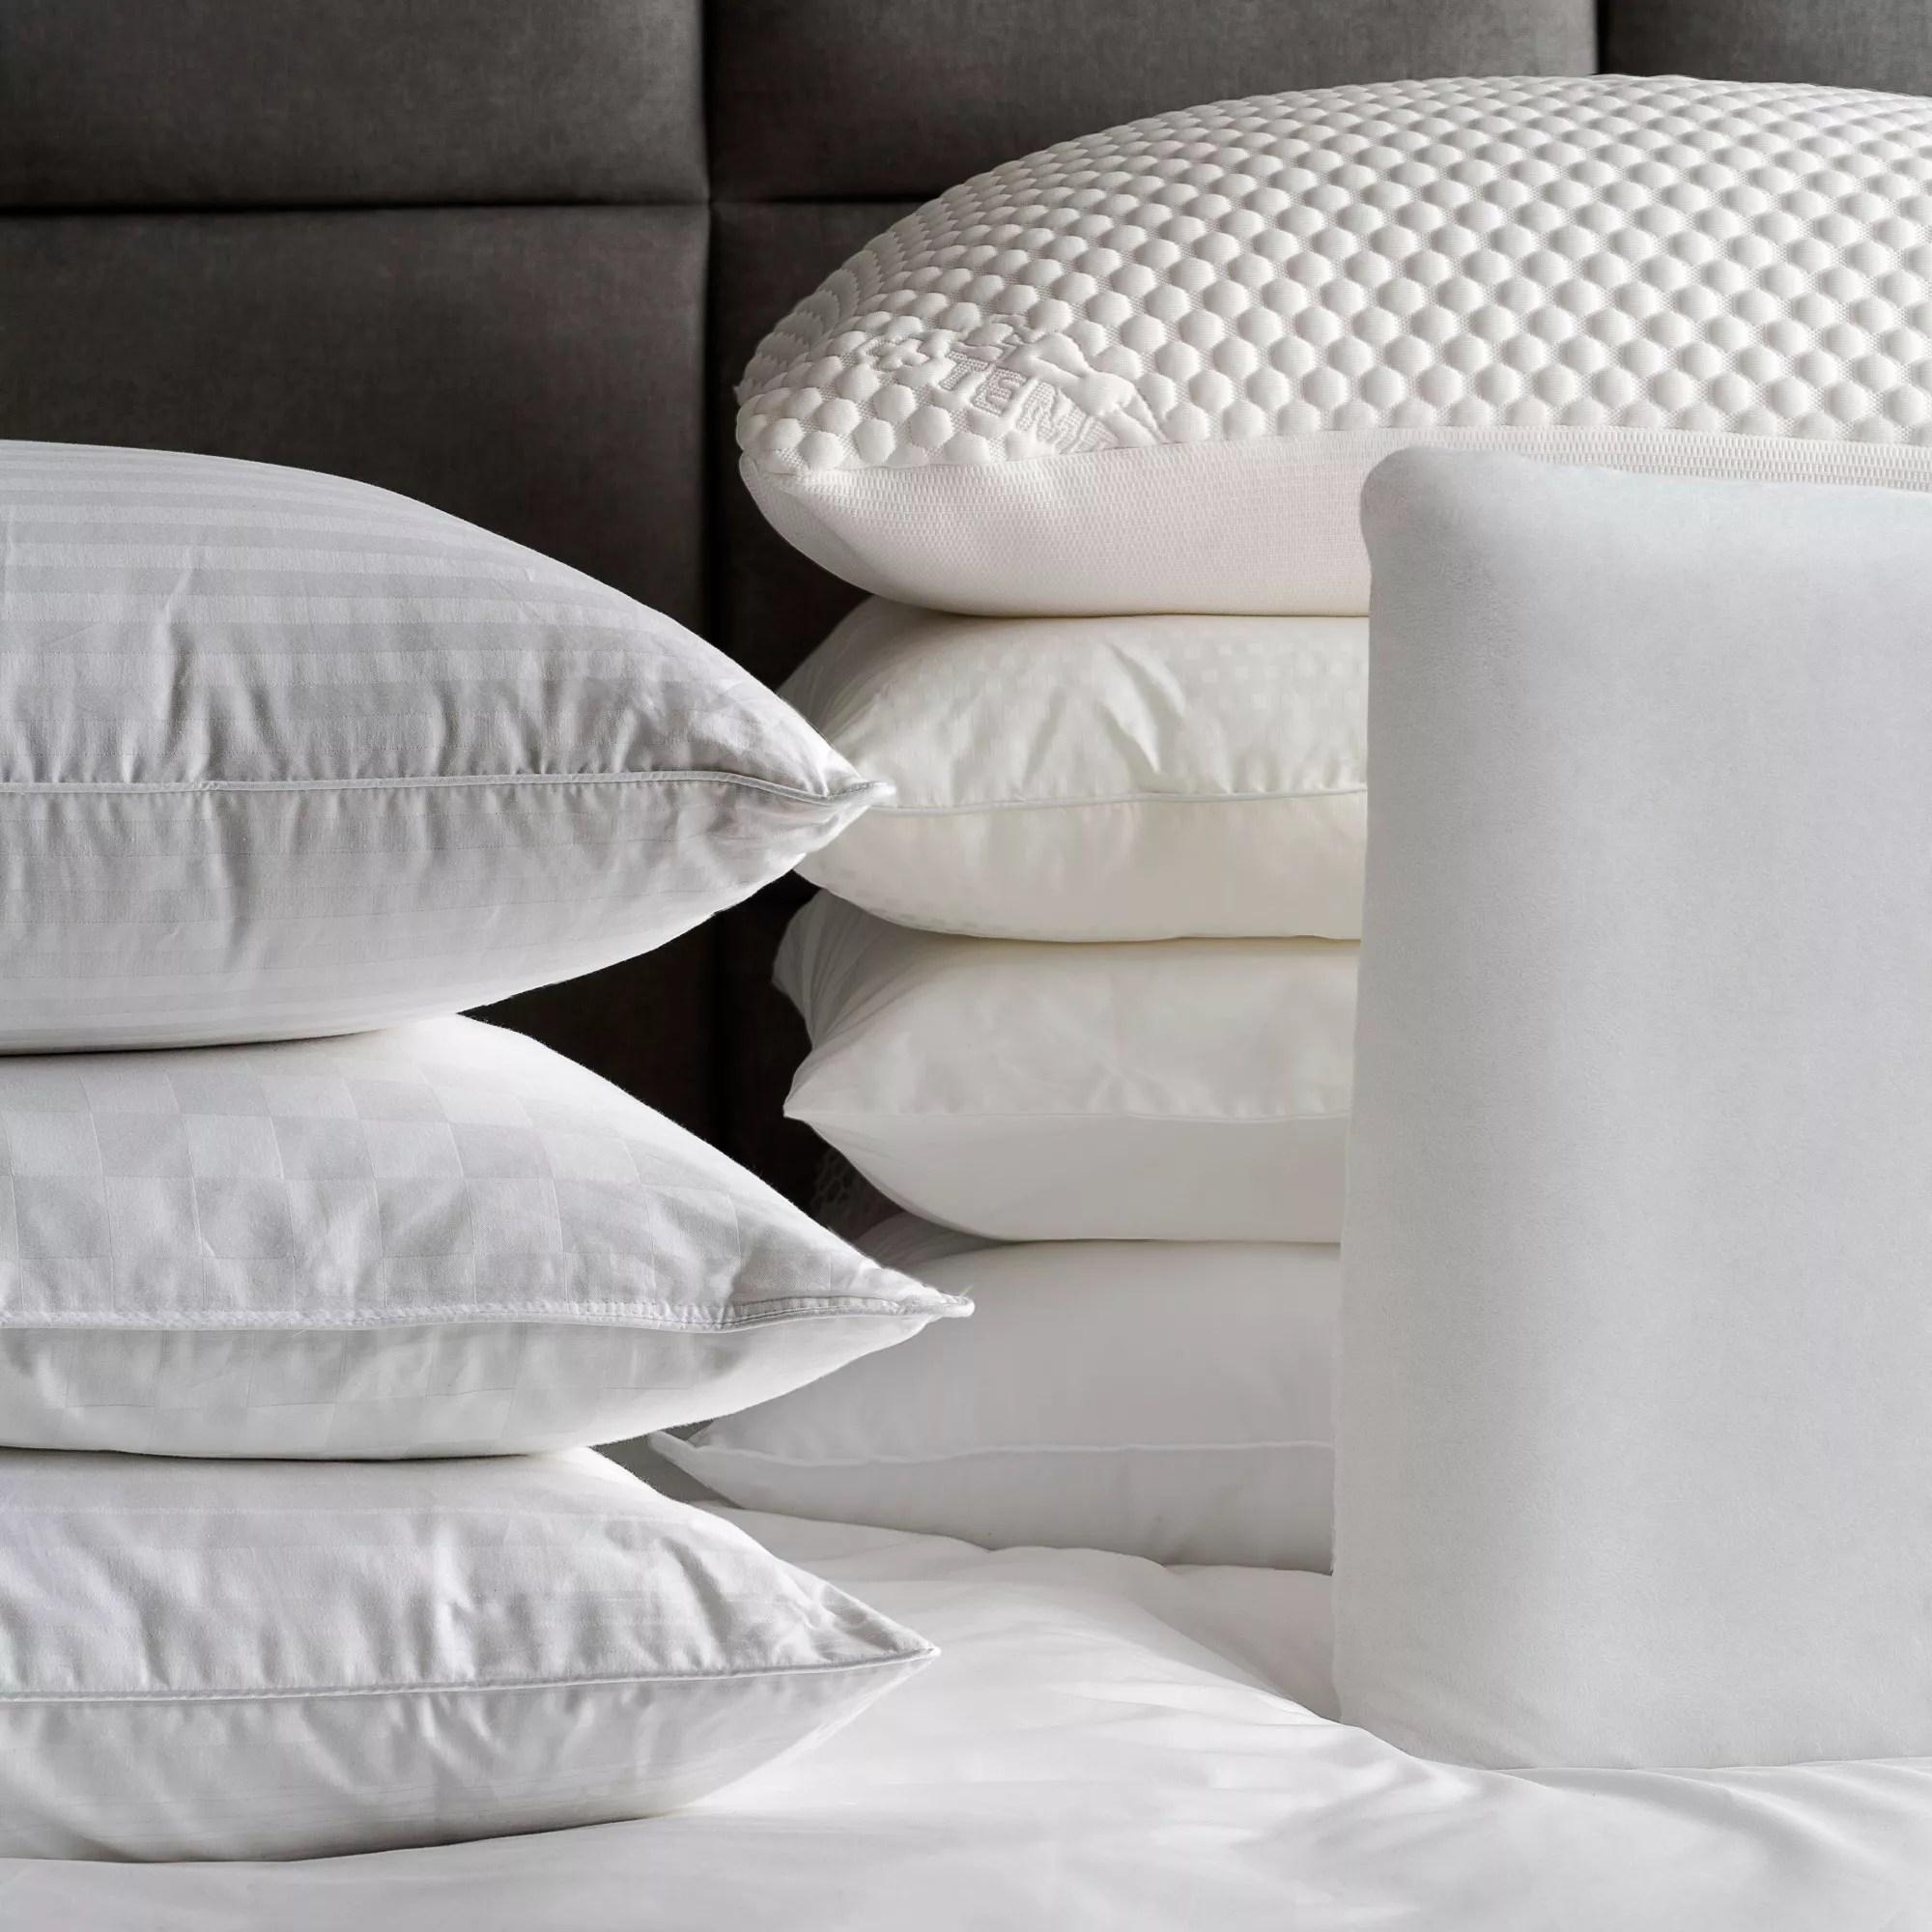 tempur comfort cloud standard support pillow